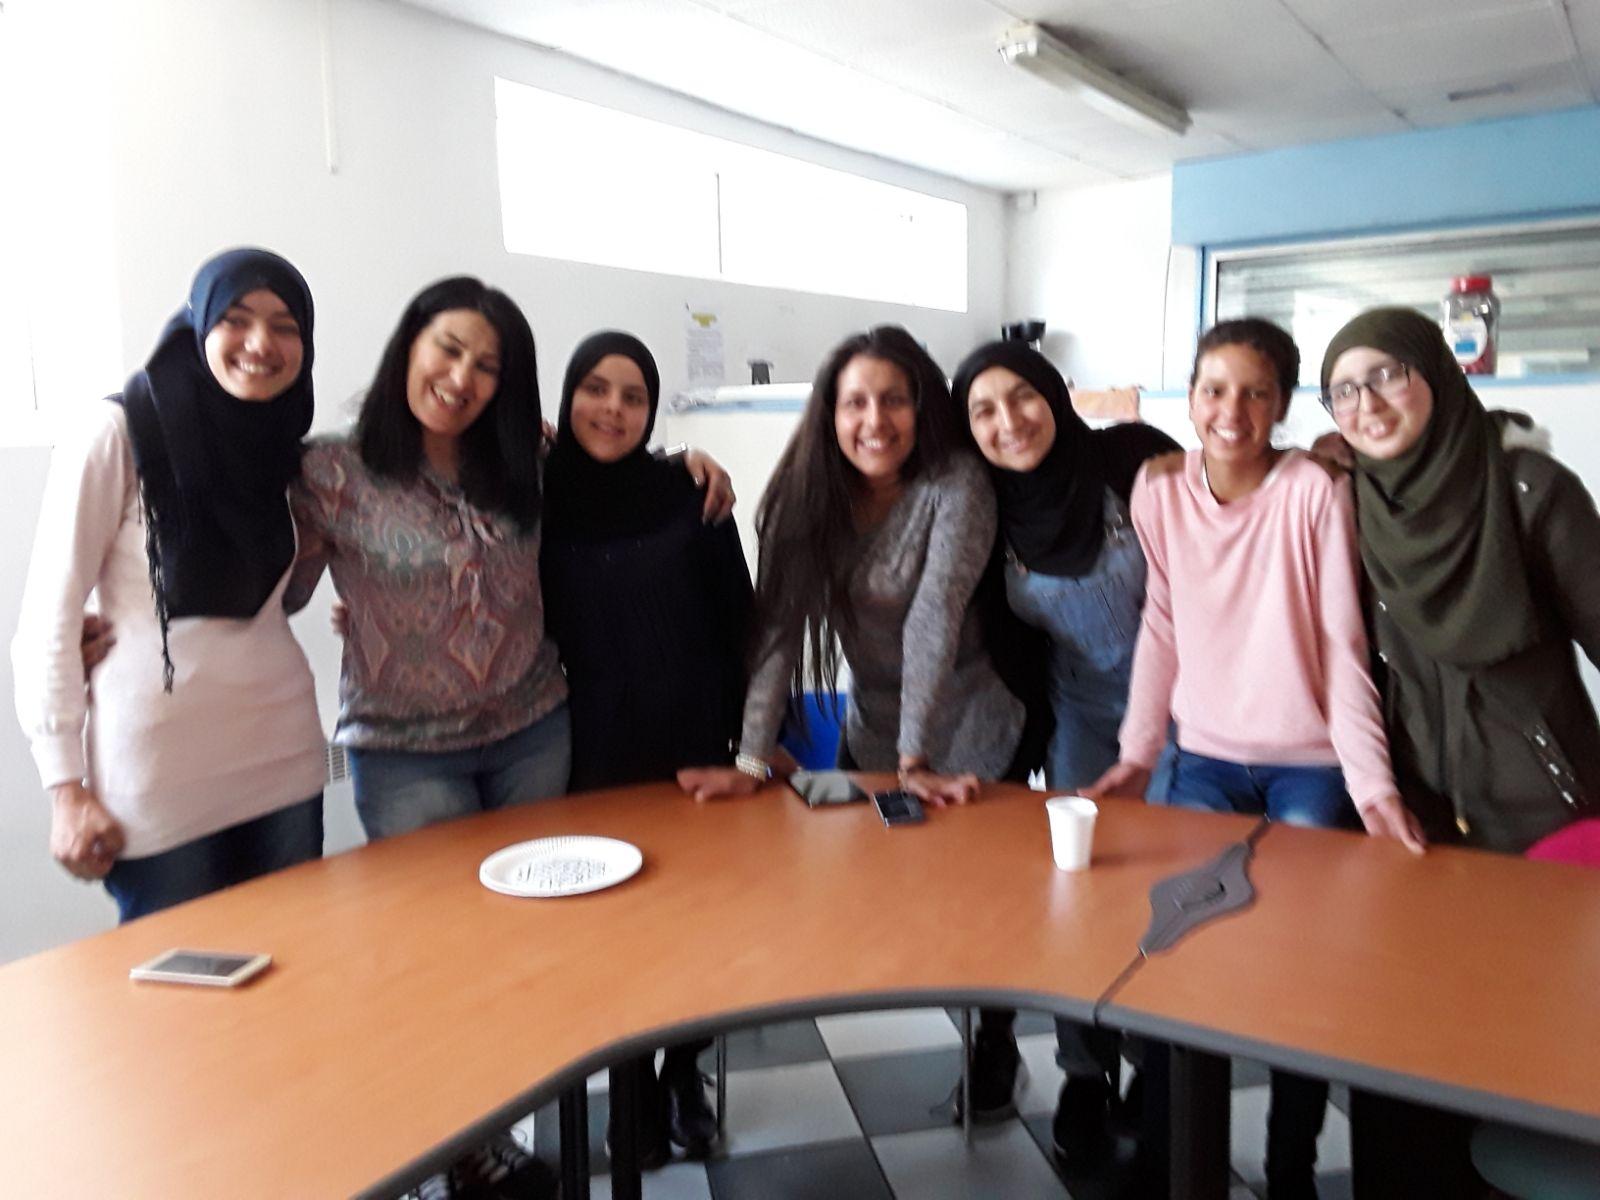 بالصور: تلميذات دار الطالبة بالدريوش يتميزن خلال مشاركتهن ضمن فعاليات الاسبوع الثقافي المغربي بمدينة اميان الفرنسية